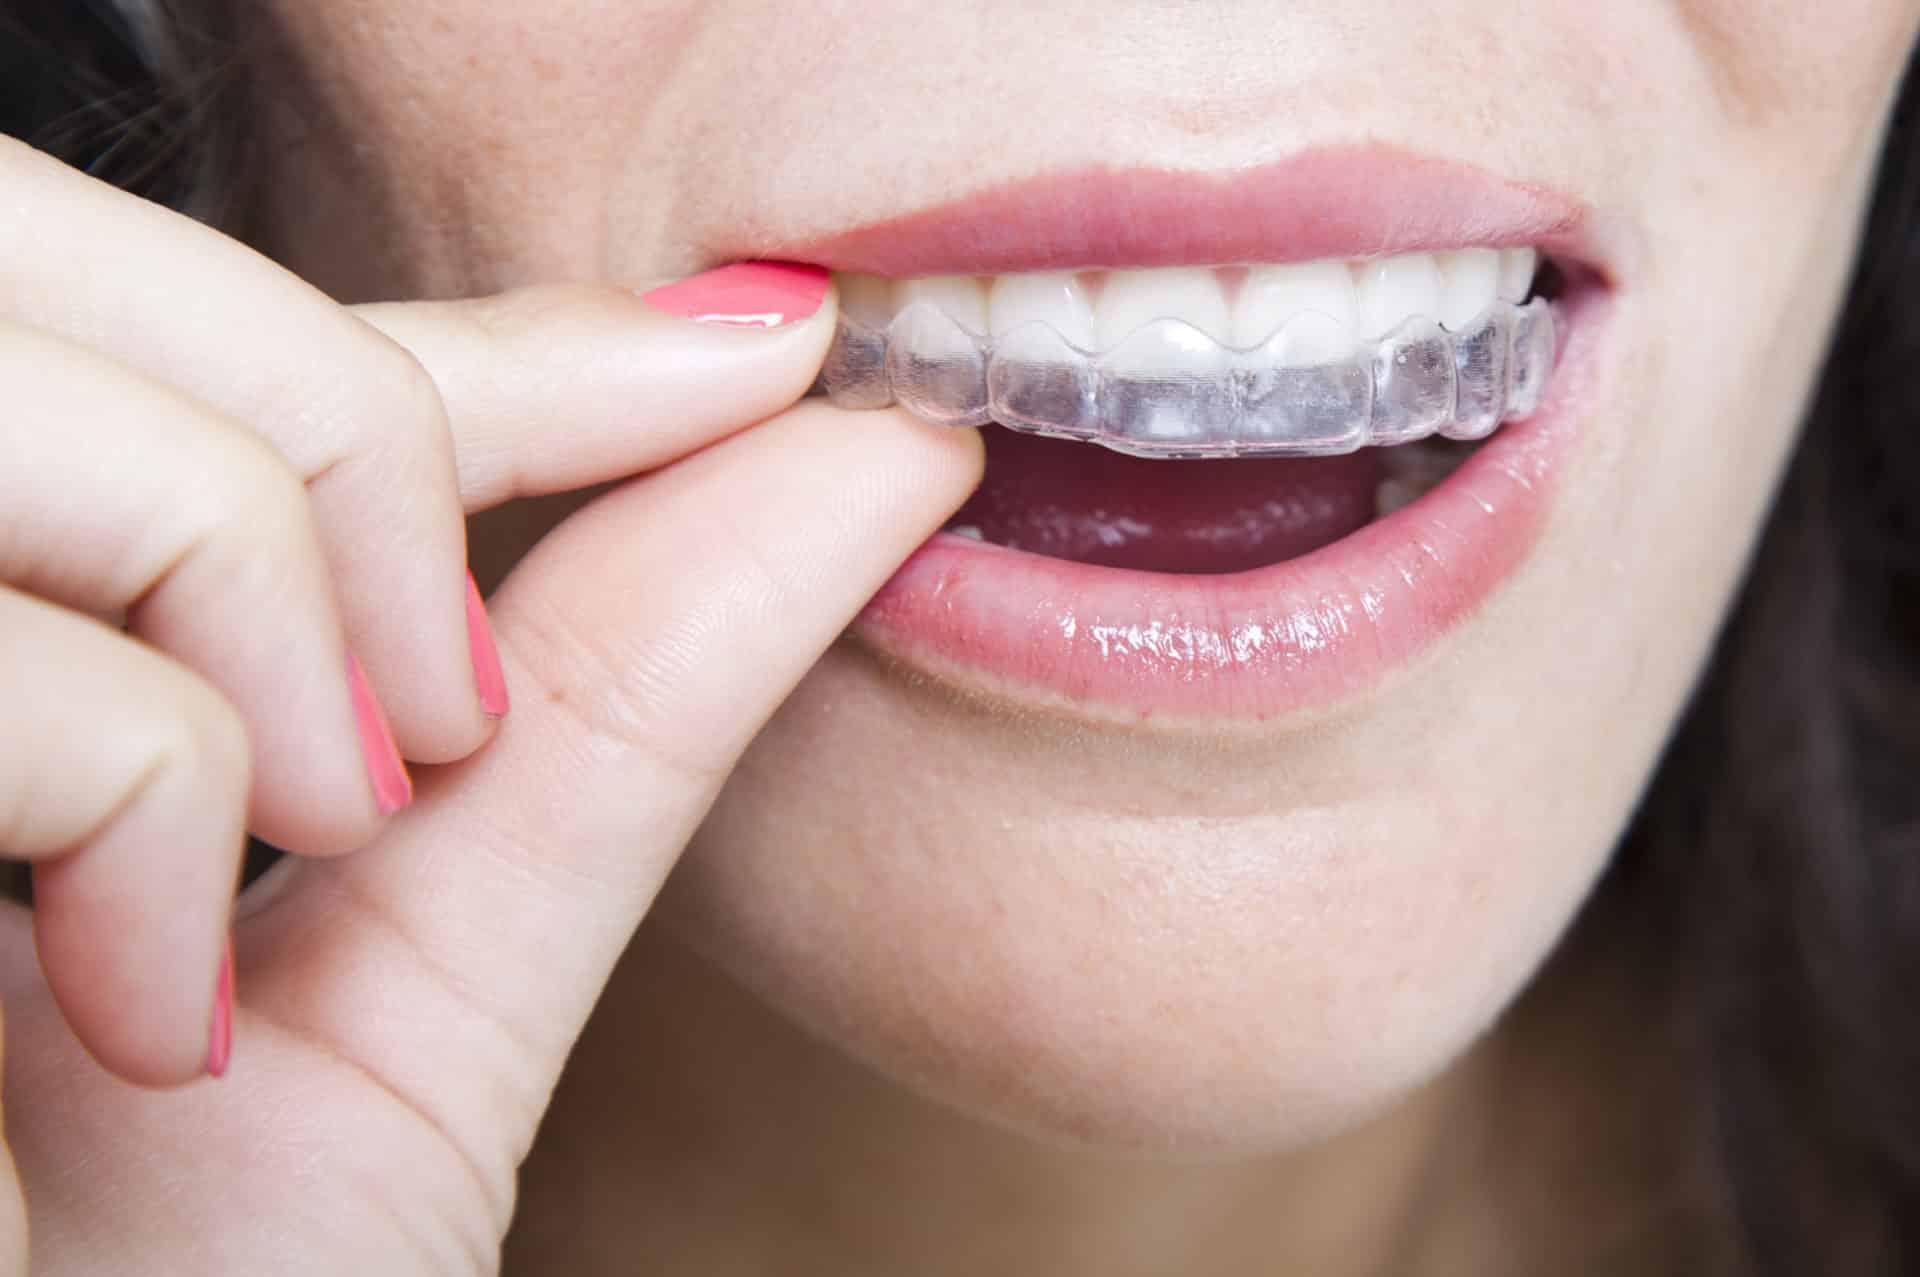 Descubre cómo quedará tu nueva sonrisa antes de comenzar tu tratamiento de ortodoncia invisible